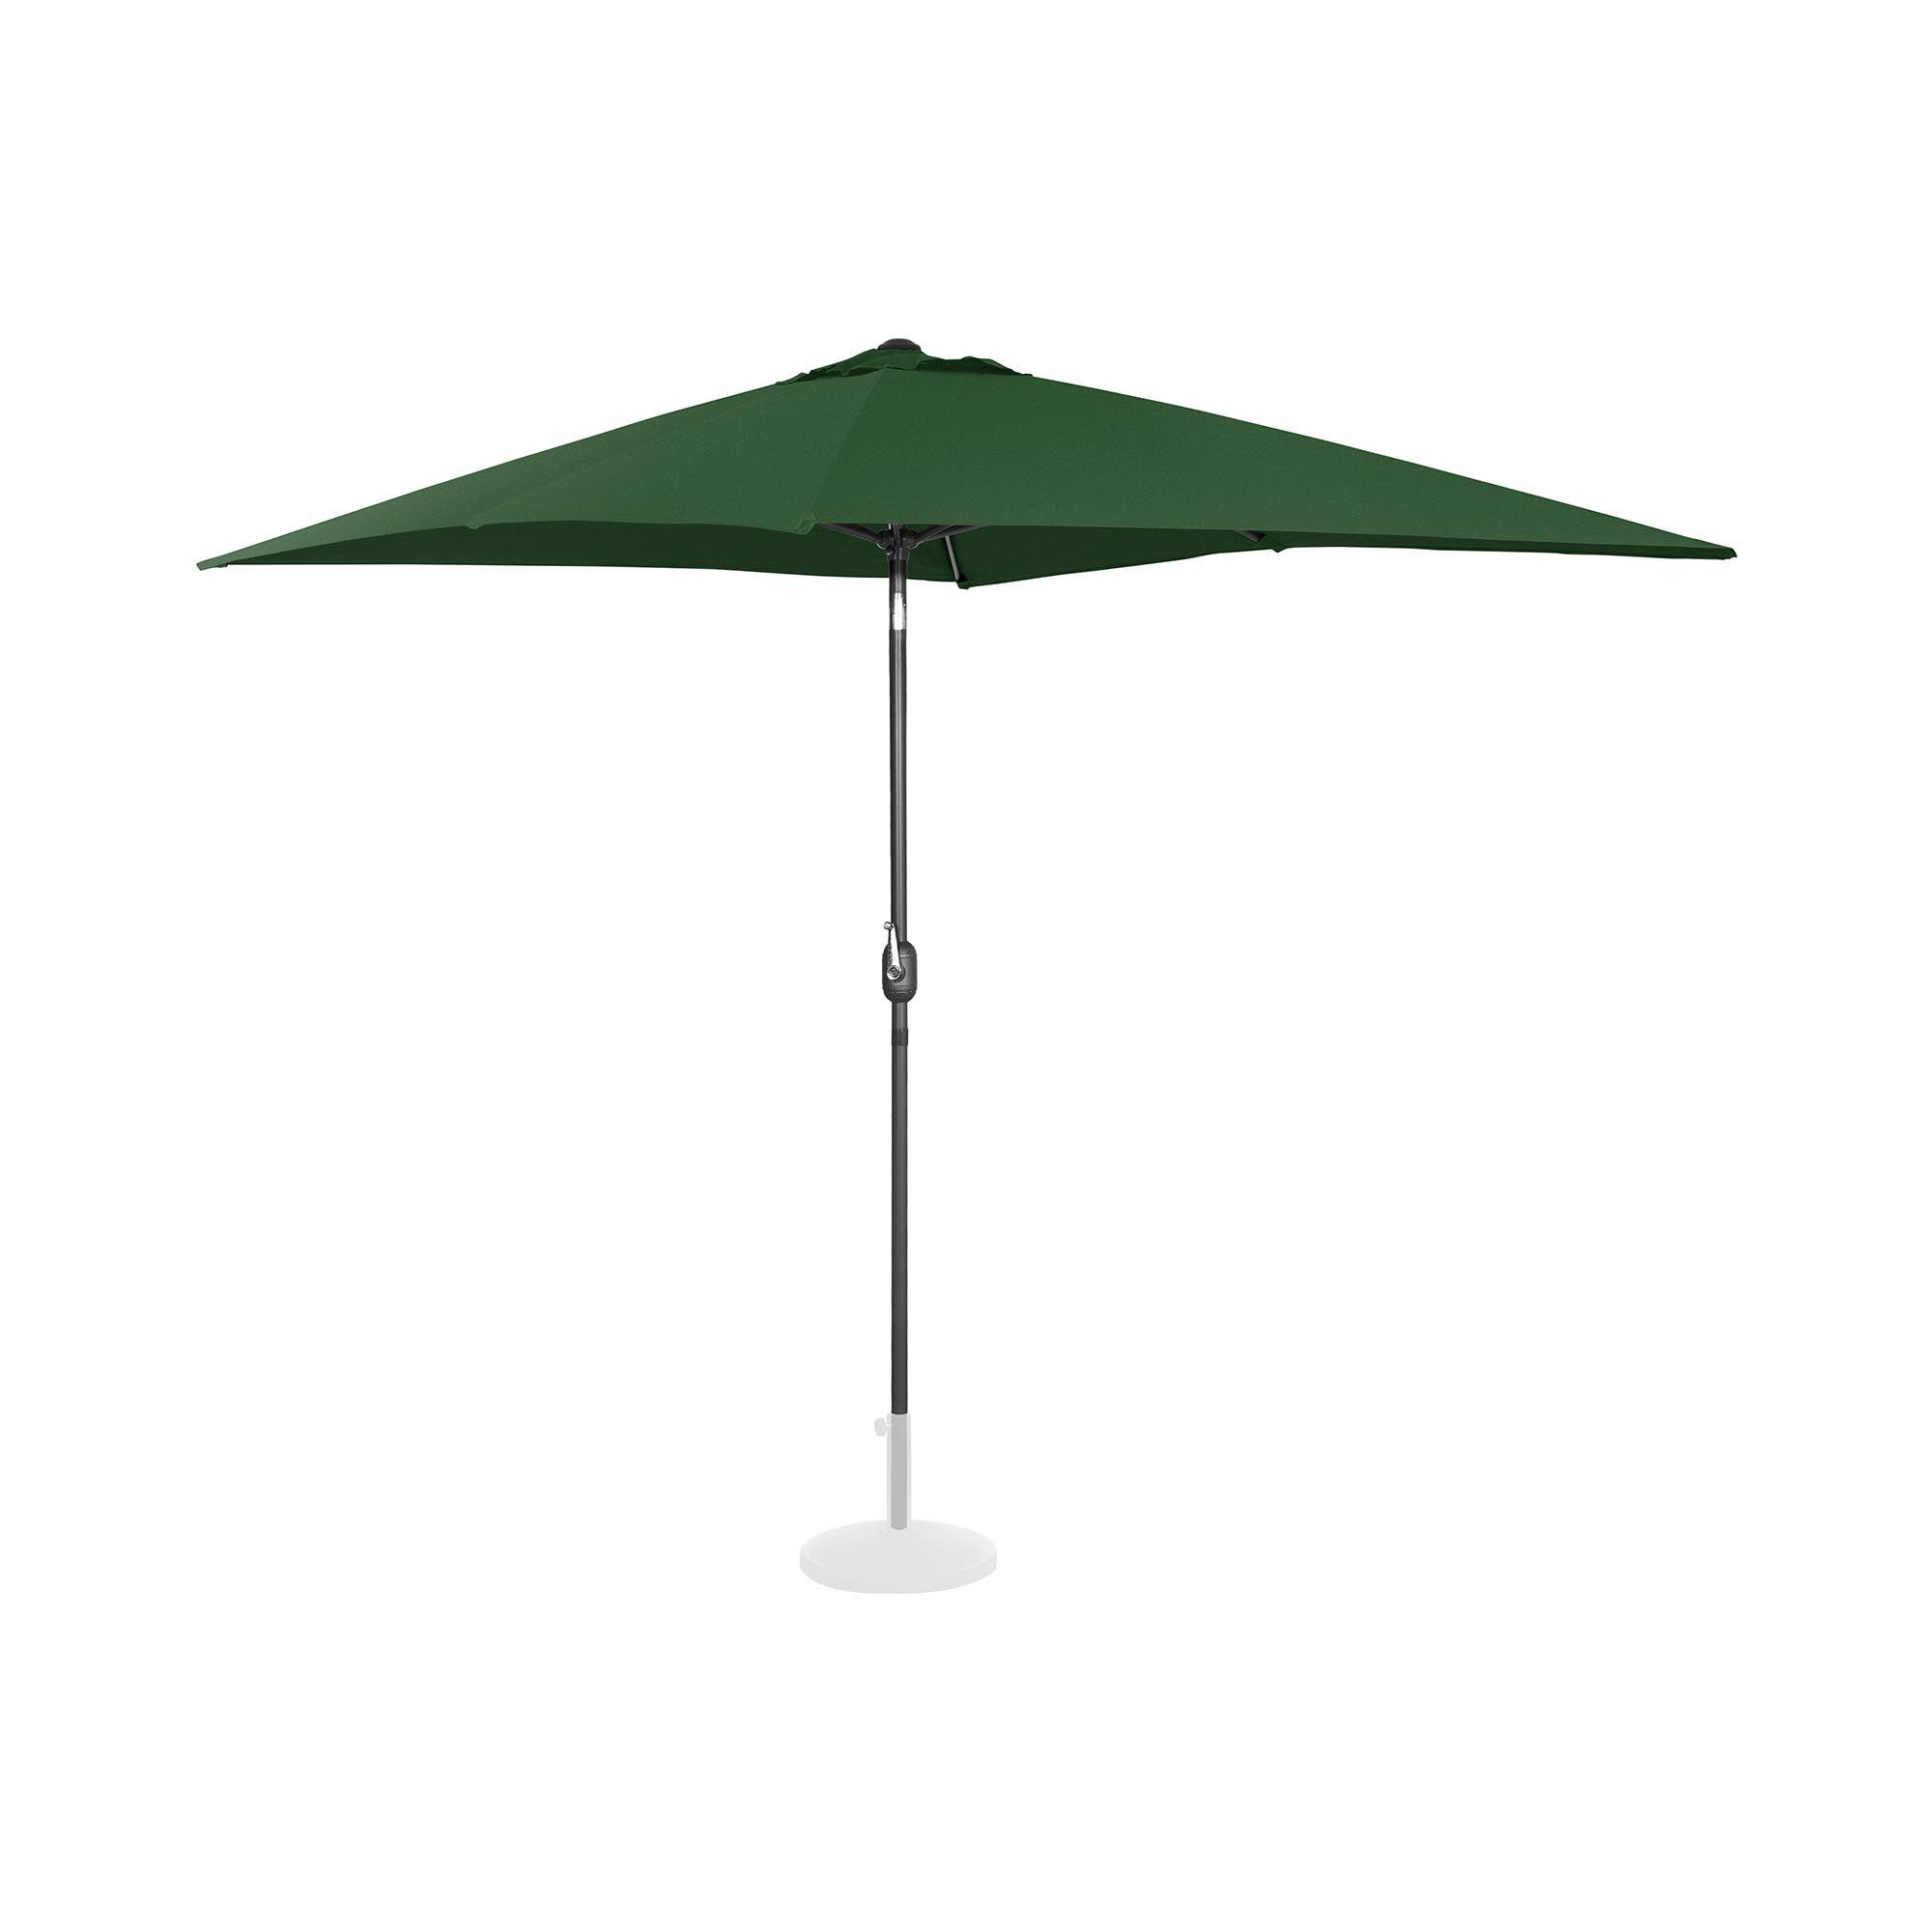 Uniprodo Ombrellone da esterno - palo centrale - verde - rettangolare - 200 x 300 cm - inclinabile UNI_UMBRELLA_TSQ2030GR